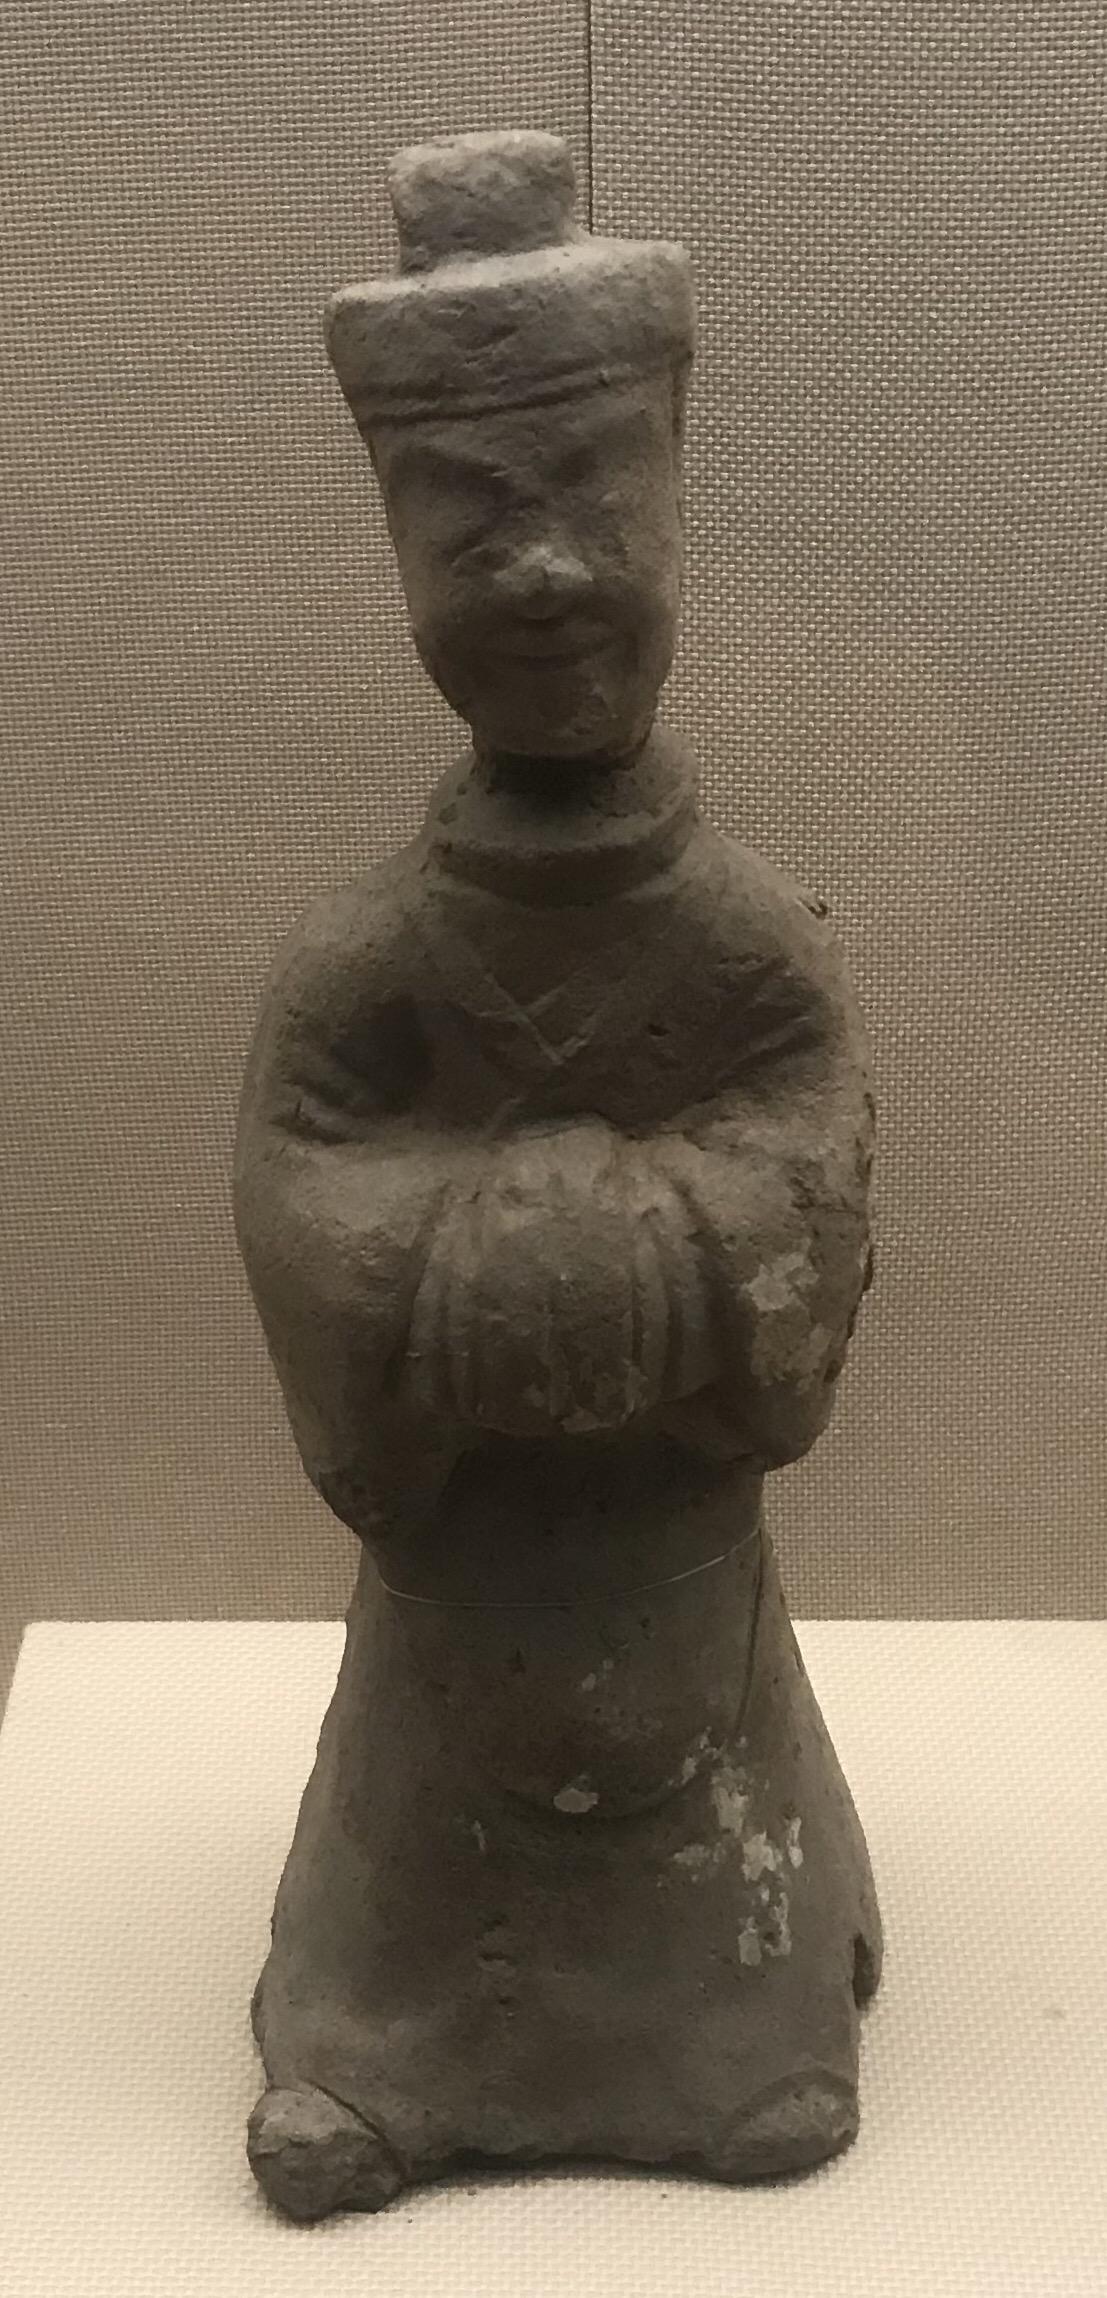 陶俑-東漢- 新津県出土-四川漢代陶石芸術館-四川博物院-成都